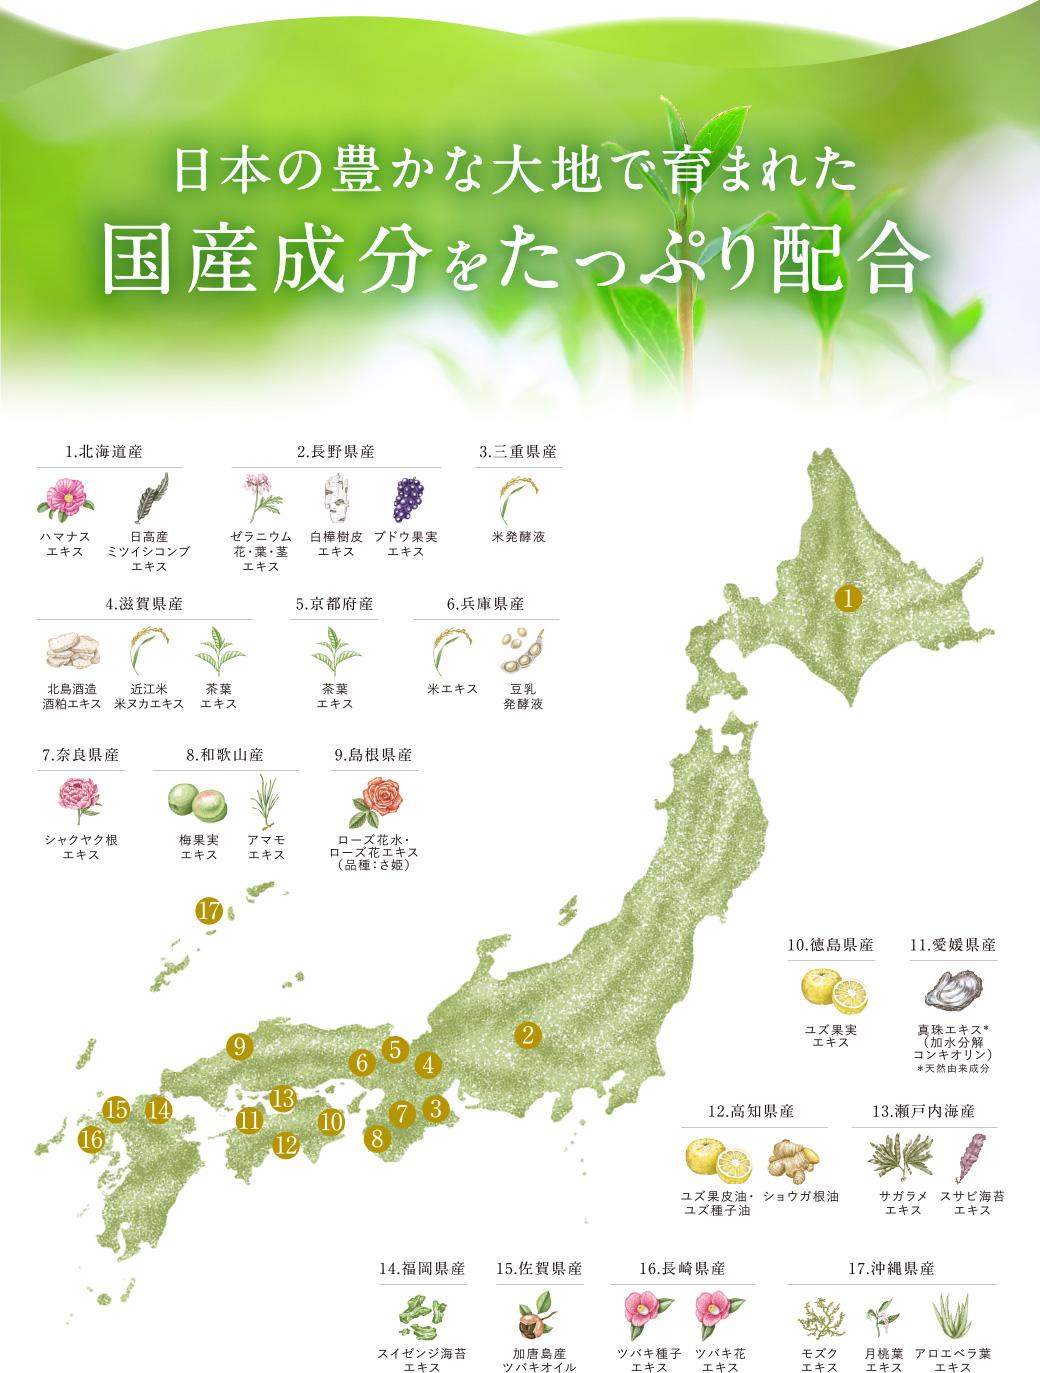 日本の豊かな大地で育まれた国産成分をたっぷり配合